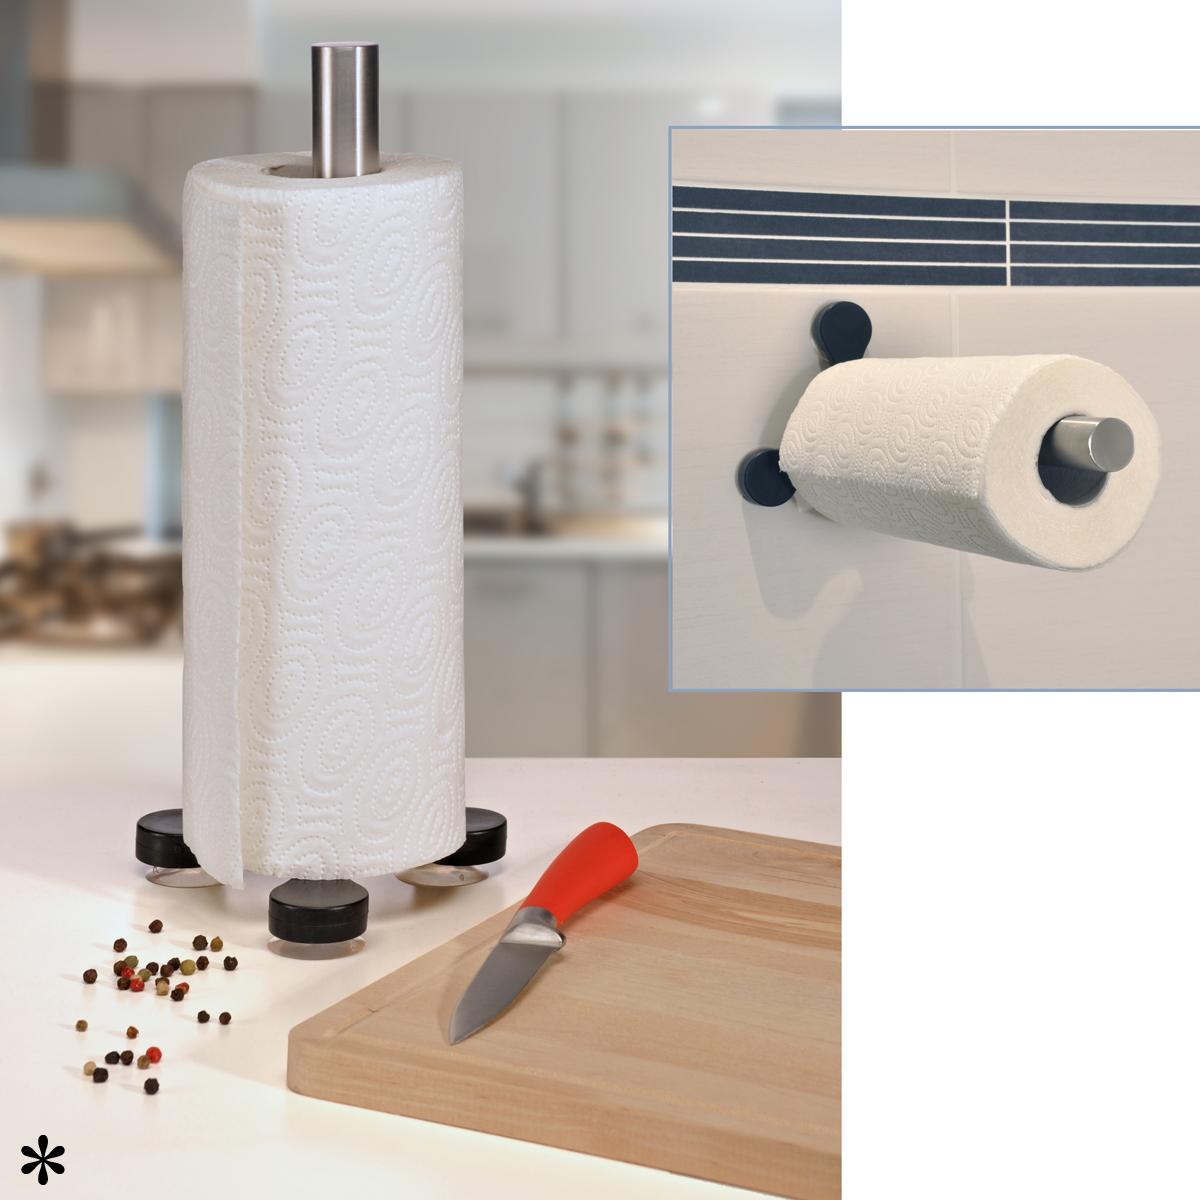 edelstahl wand k chenrollen papierrollen halter st nder ohne bohren saugnapf ebay. Black Bedroom Furniture Sets. Home Design Ideas